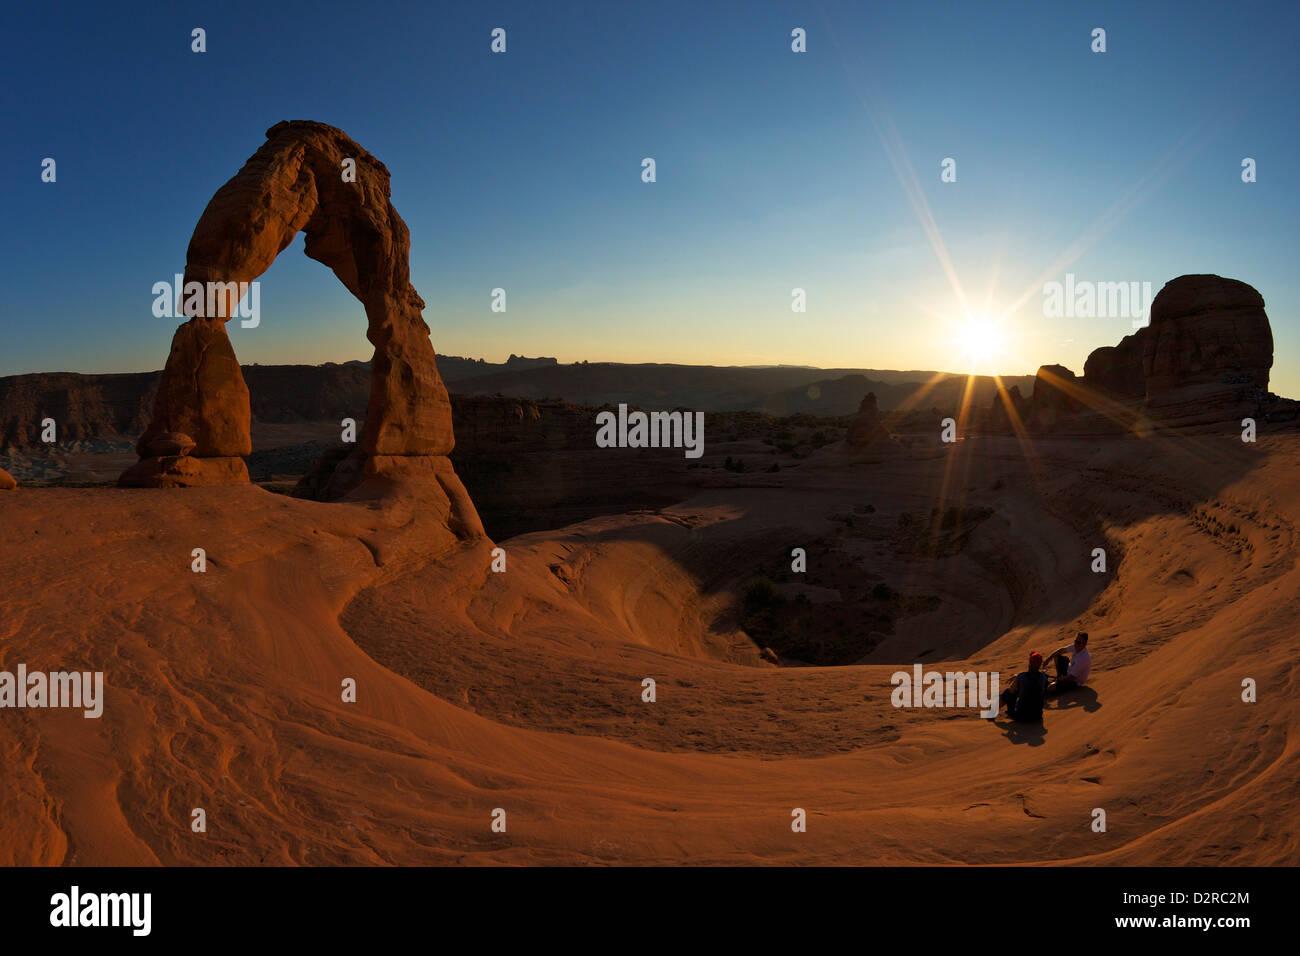 Deux hommes assis, Delicate Arch, Arches National Park, Moab, Utah, États-Unis d'Amérique, Amérique du Nord Banque D'Images